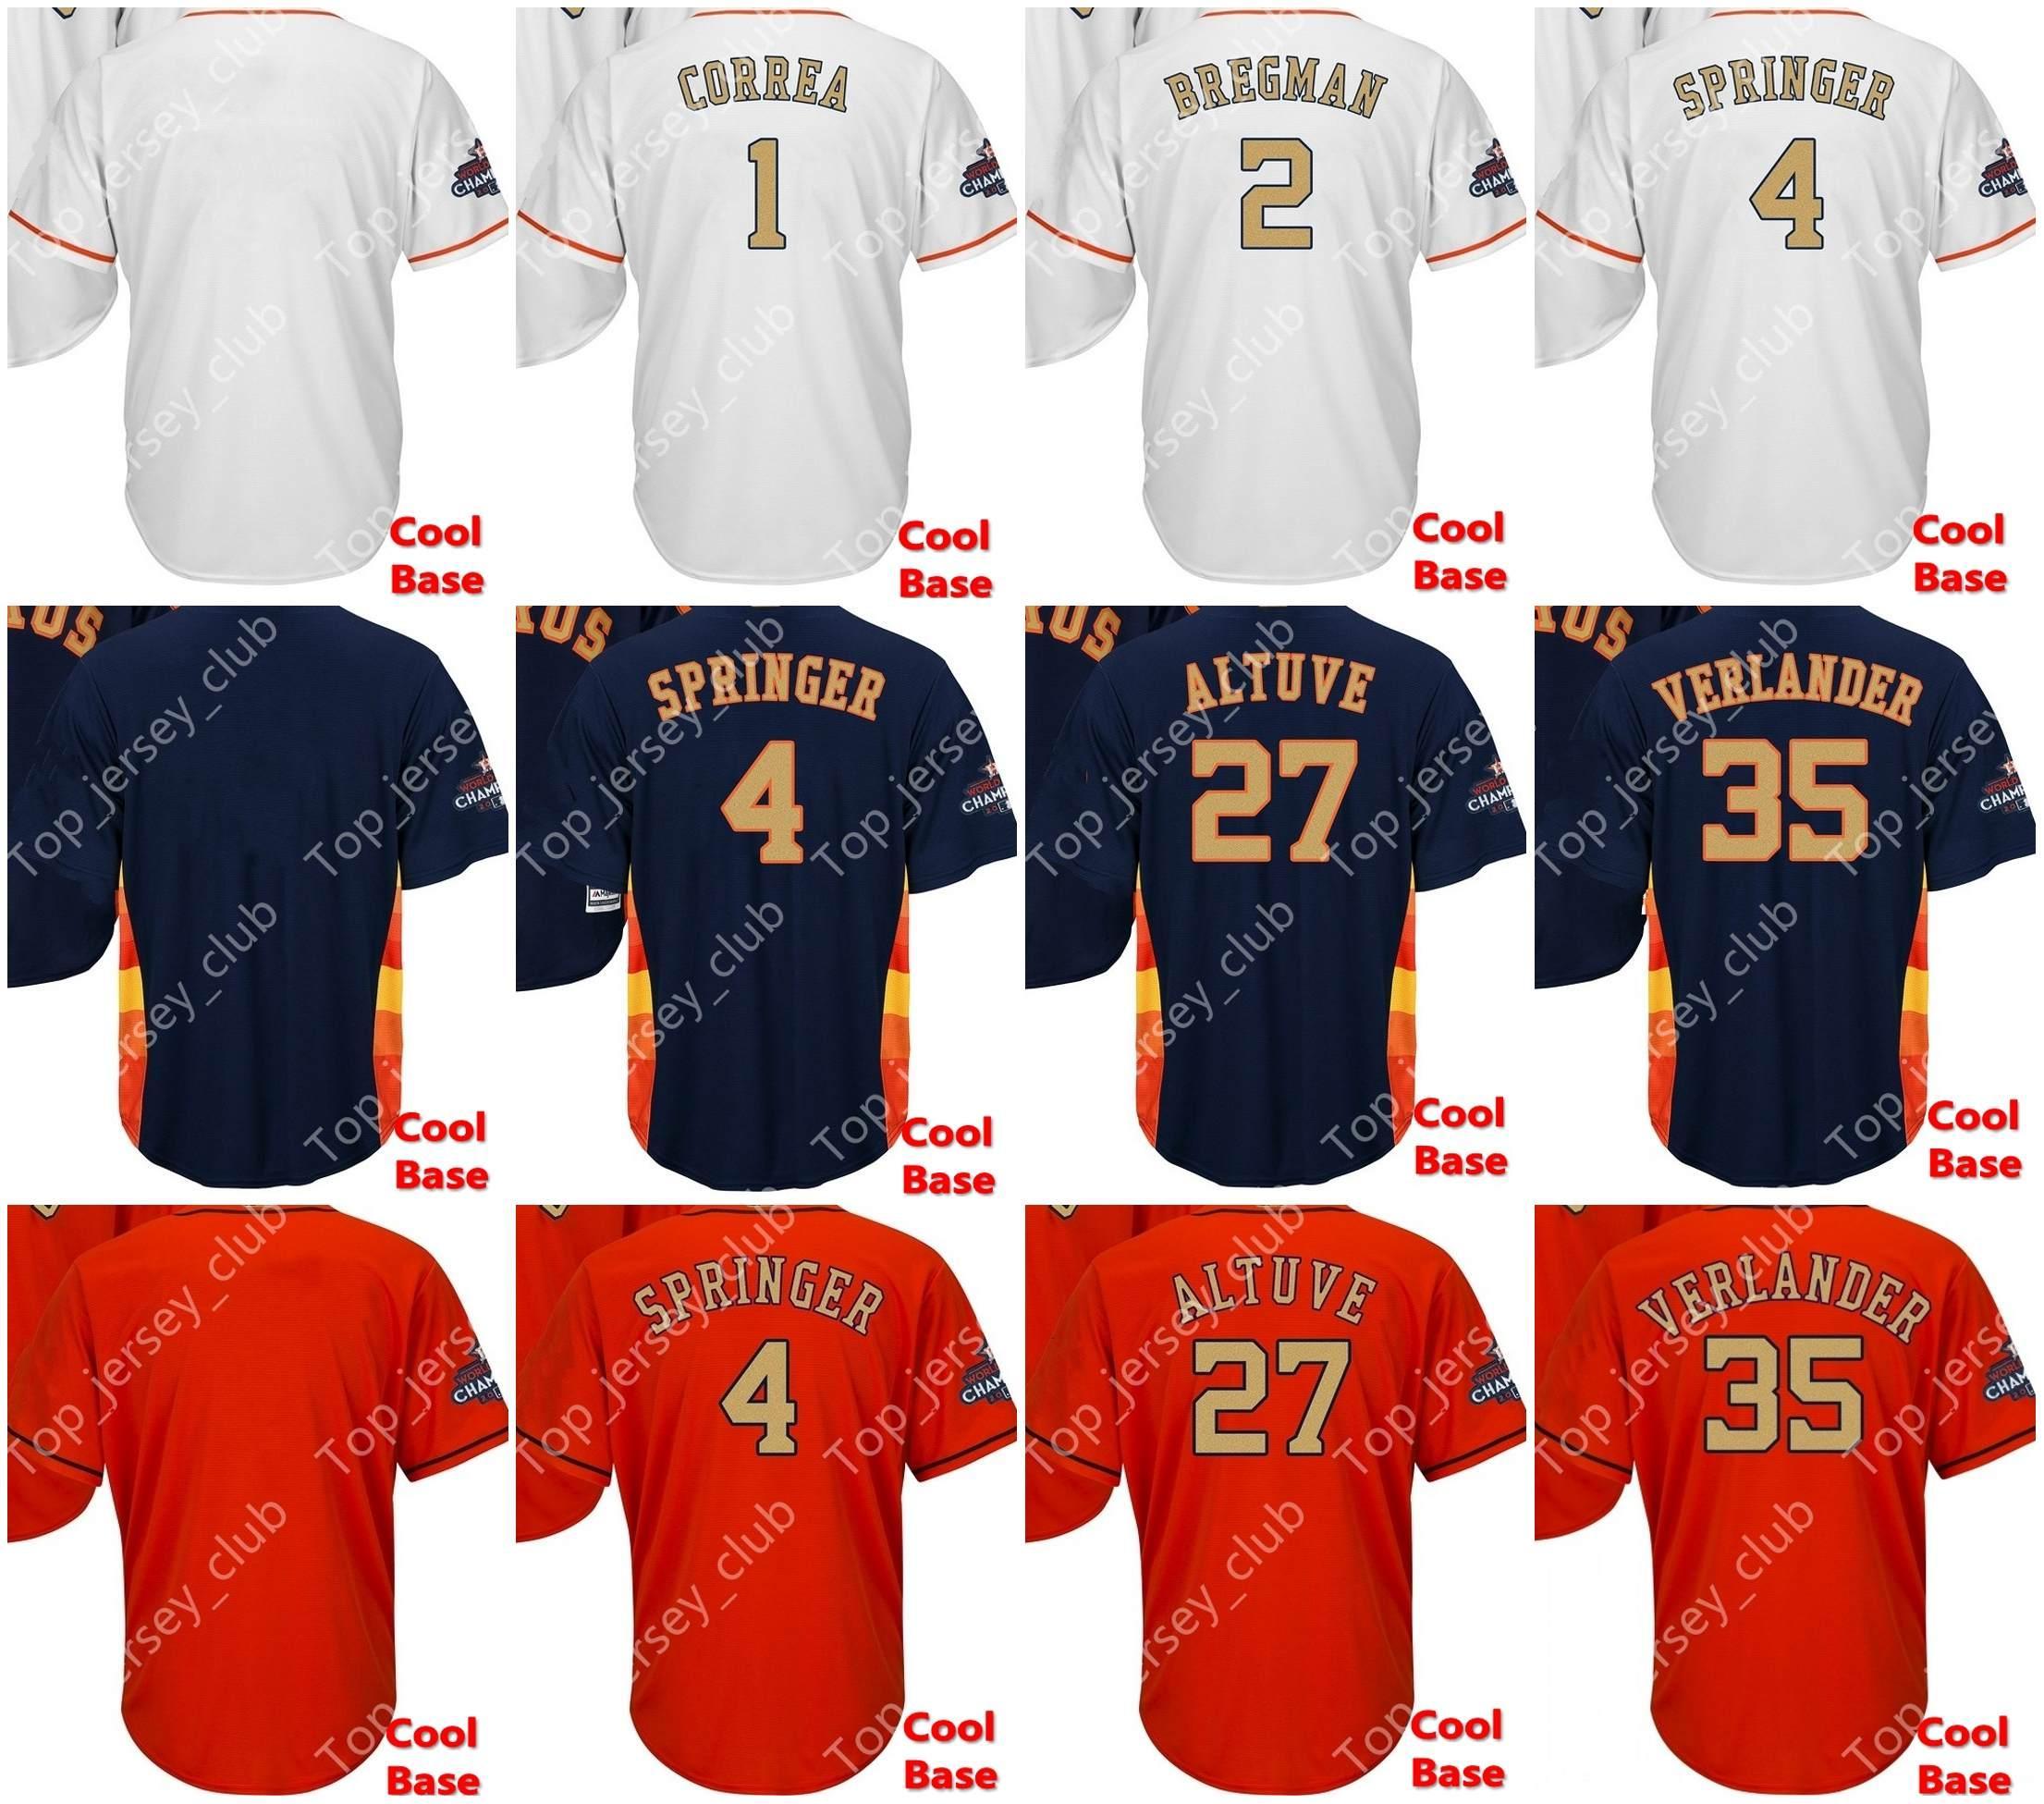 hot sale online 9f501 34461 2019 Cool Base Gold Houston Baseball Jersey Men Women Youth Custom Signed  Astros 1 Correa 2 Bregman 4 Springer 27 Altuve 35 Justin Verlander From ...